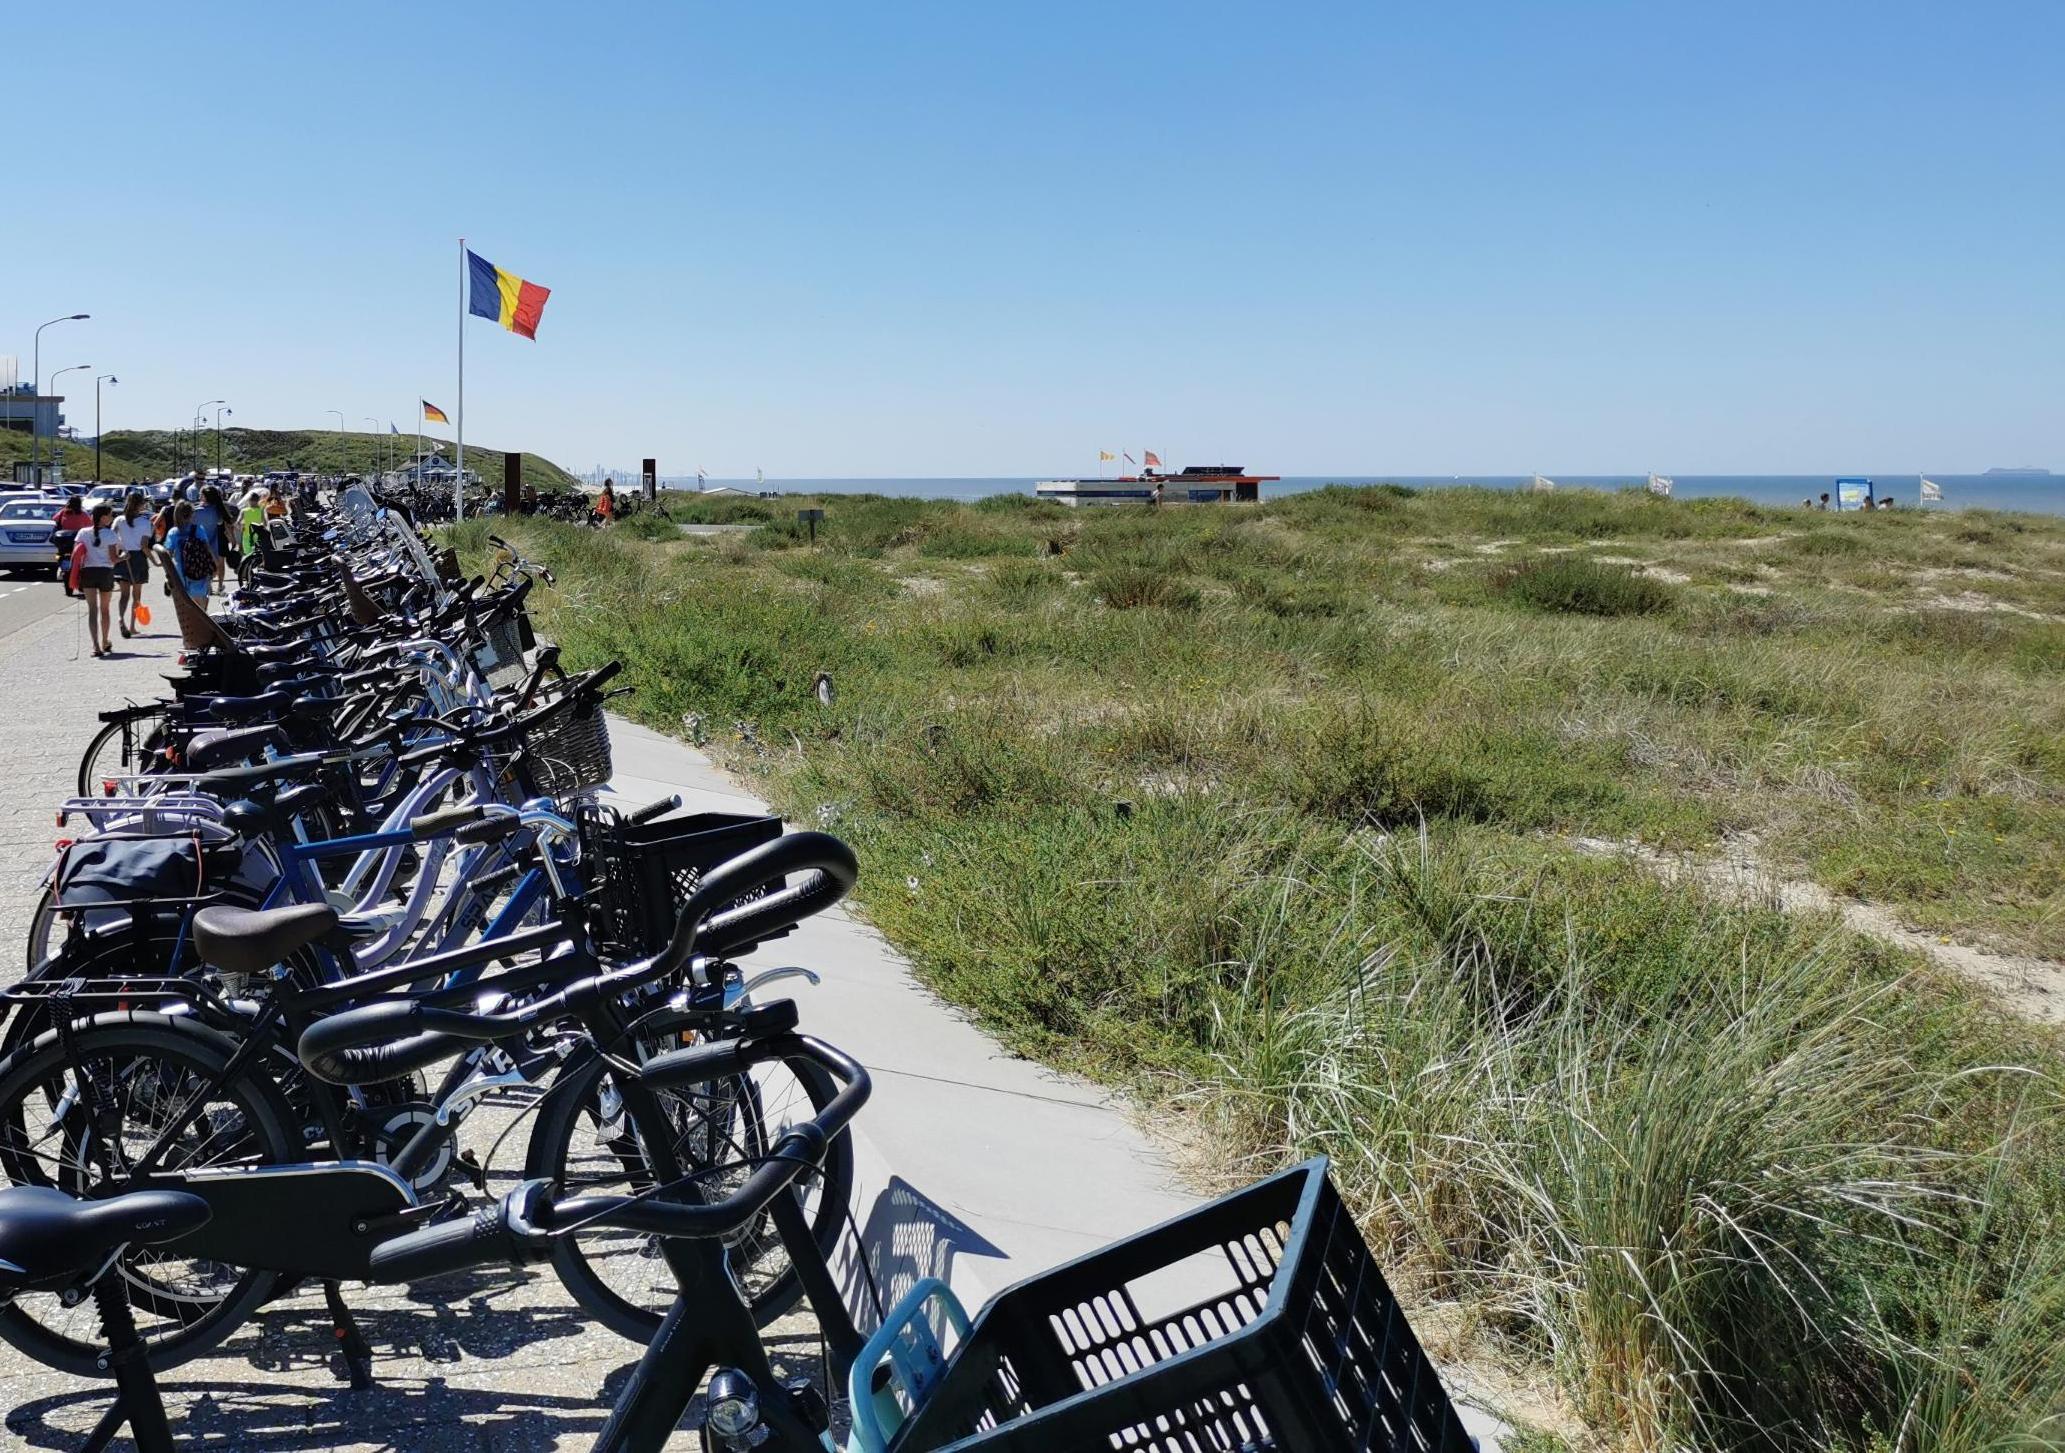 Katwijkse boulevard in de ban van fietsendieven; elf keer meer diefstallen dan vorig jaar